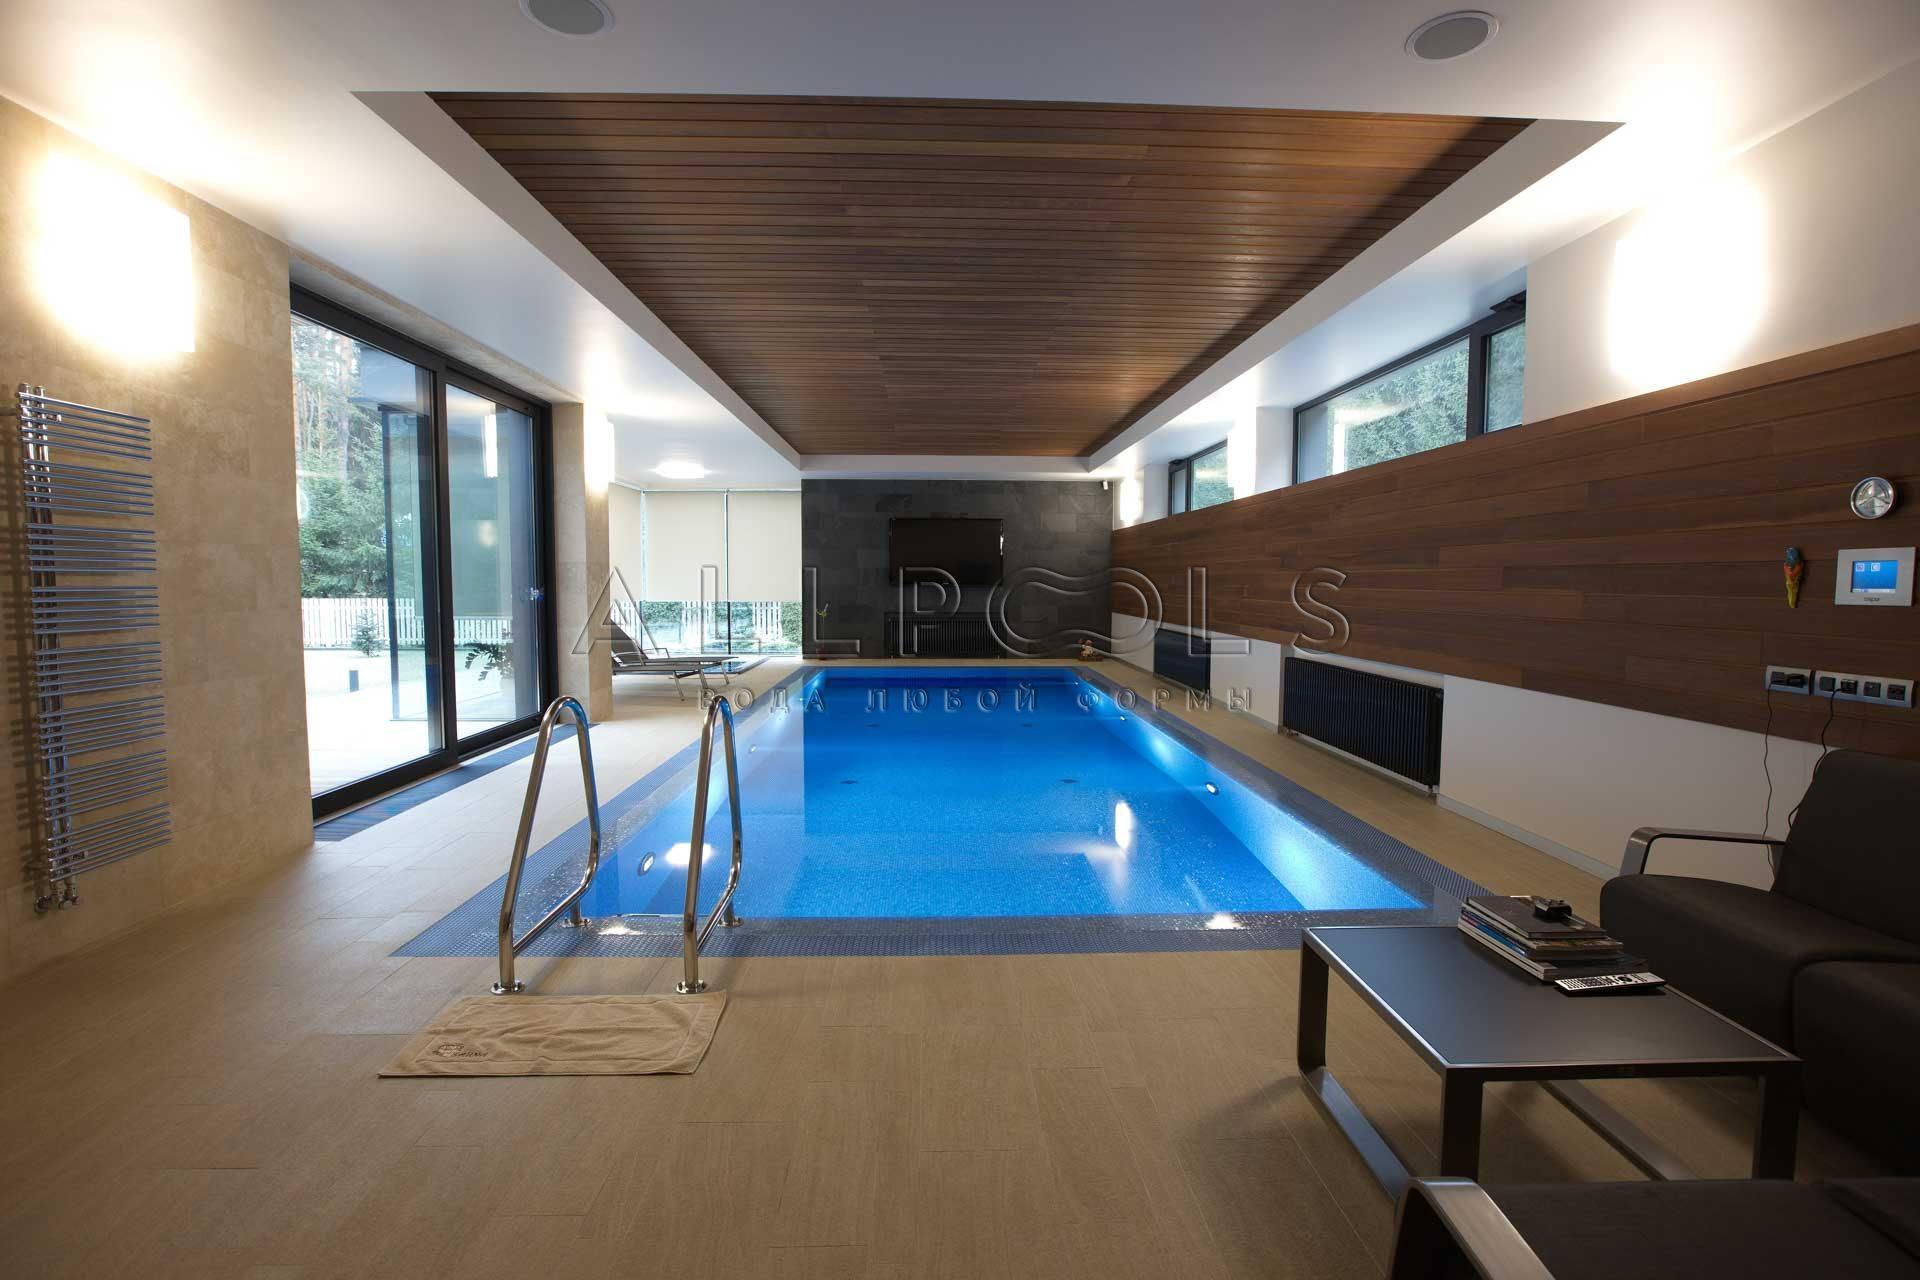 Бенилюкс. Частная зона отдыха с бассейном и душем